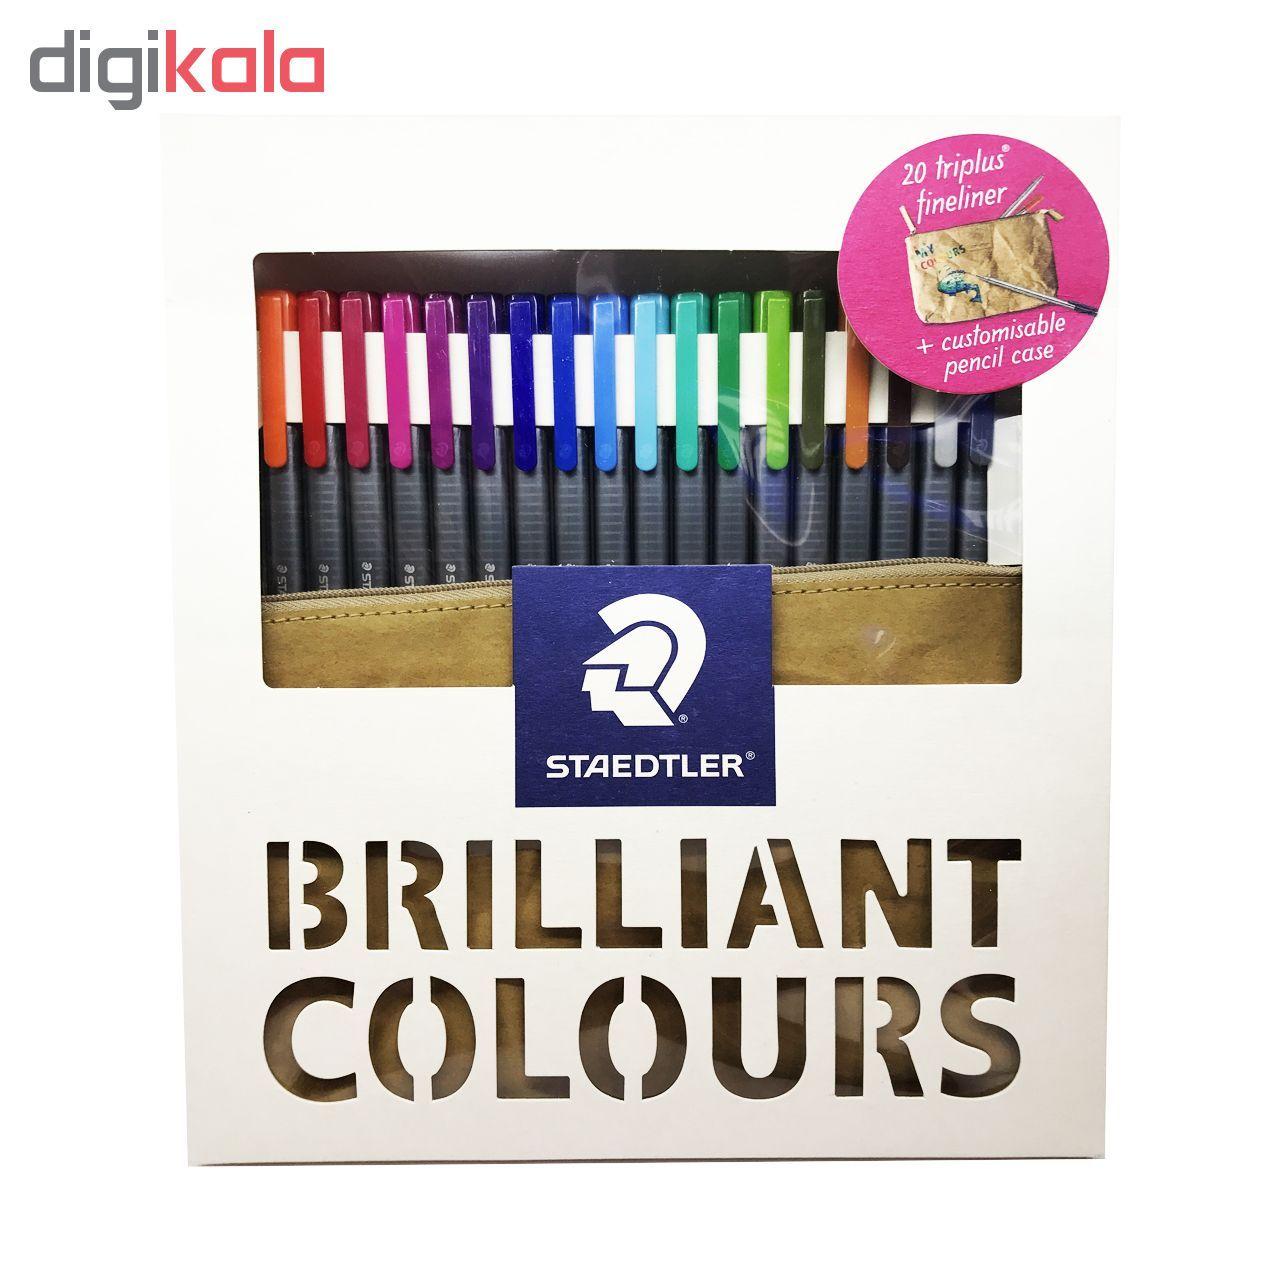 روان نویس ۲۰ رنگ استدلر مدل Triplus fineliner Brilliant Colours New به همراه کیف جا خودکاری main 1 1